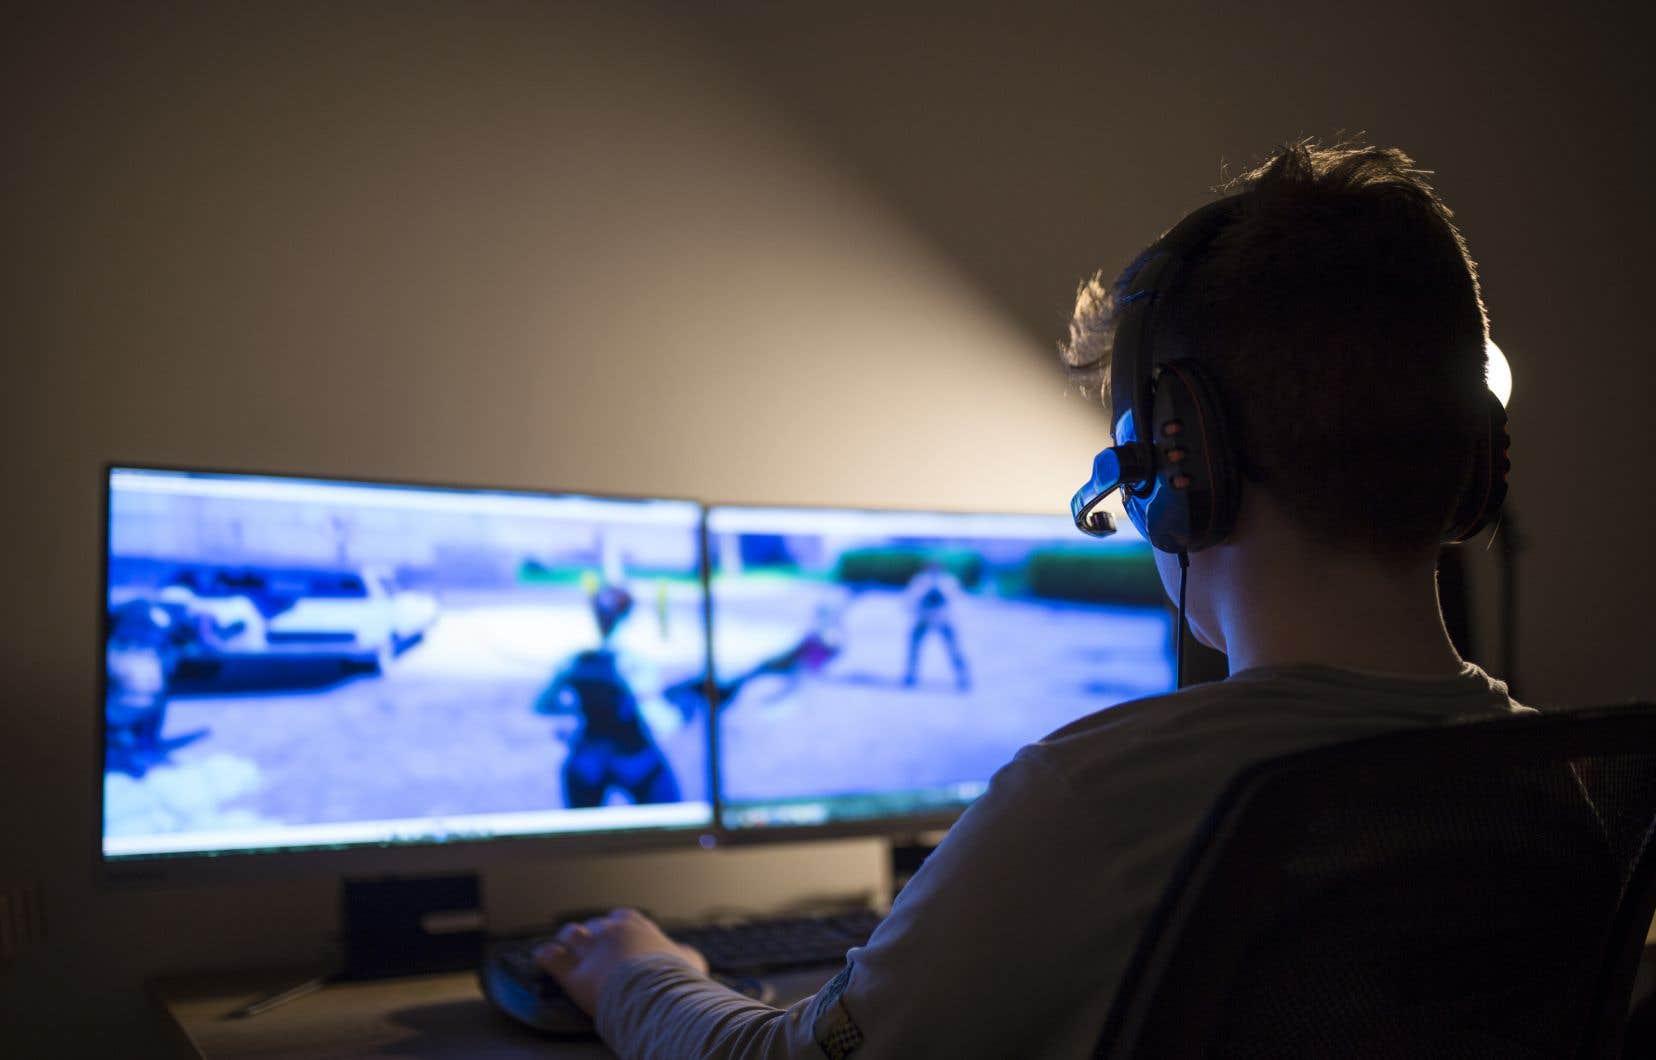 Certaines études montrent une augmentation à court terme des pensées et sentiments agressifs après avoir joué à des jeux vidéo, mais rien qui n'atteint le niveau de violence.